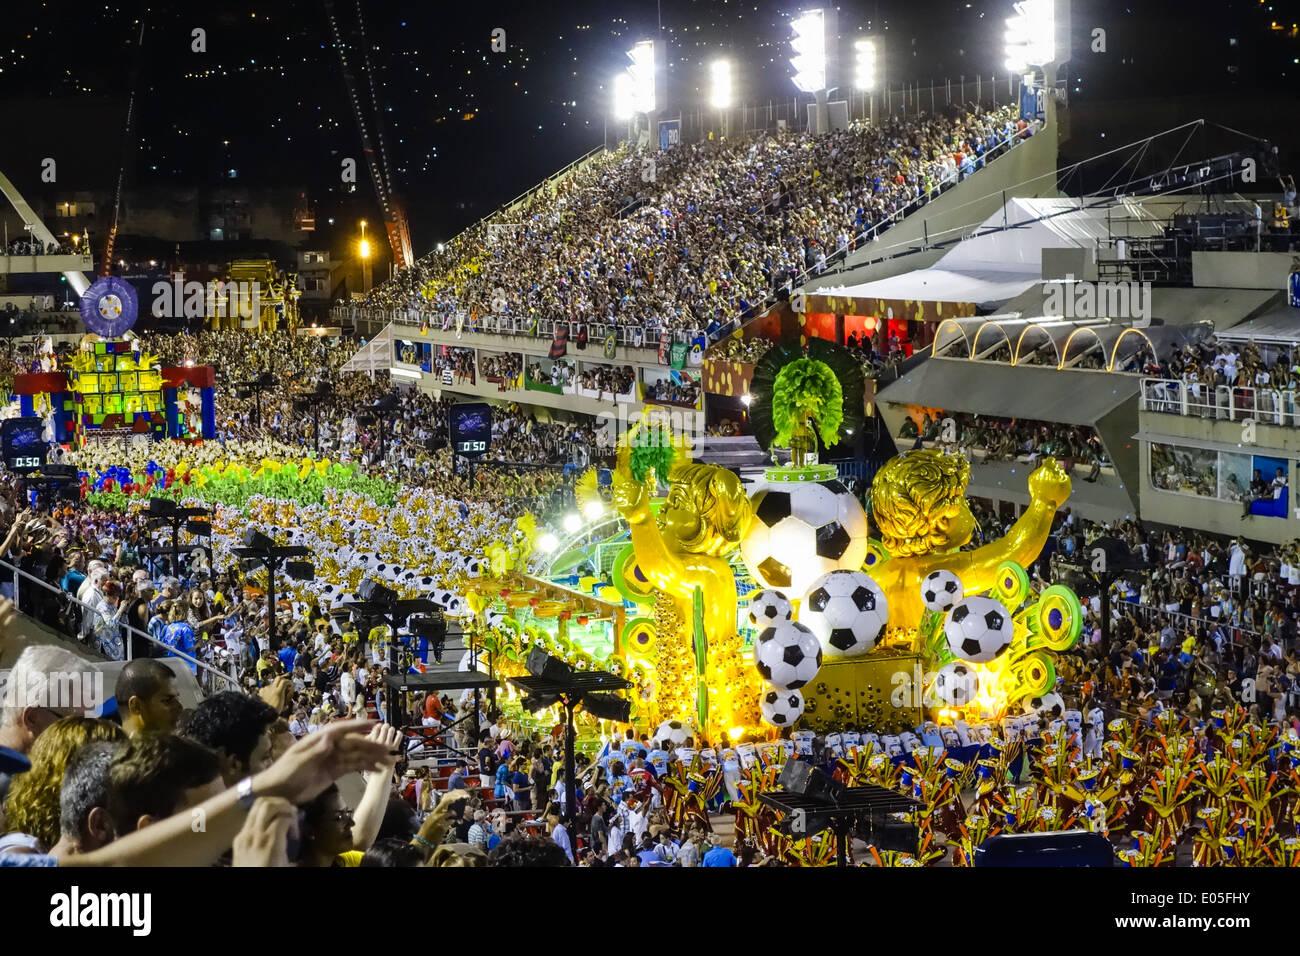 Brasile FIFA World Cup 2014 campionati del mondo di calcio, Rio de Janeiro, Brasile Immagini Stock